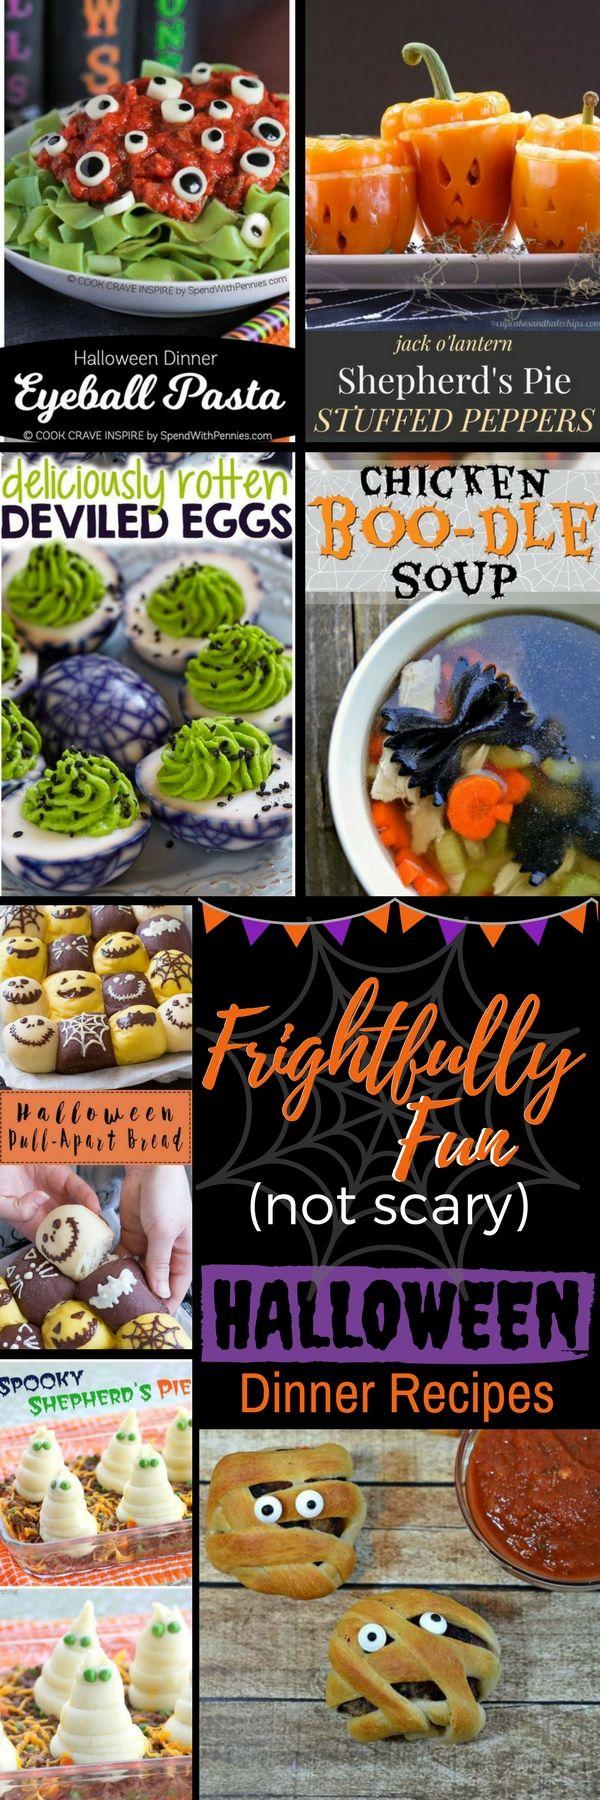 Best 25+ Halloween food dishes ideas on Pinterest | Halloween ...